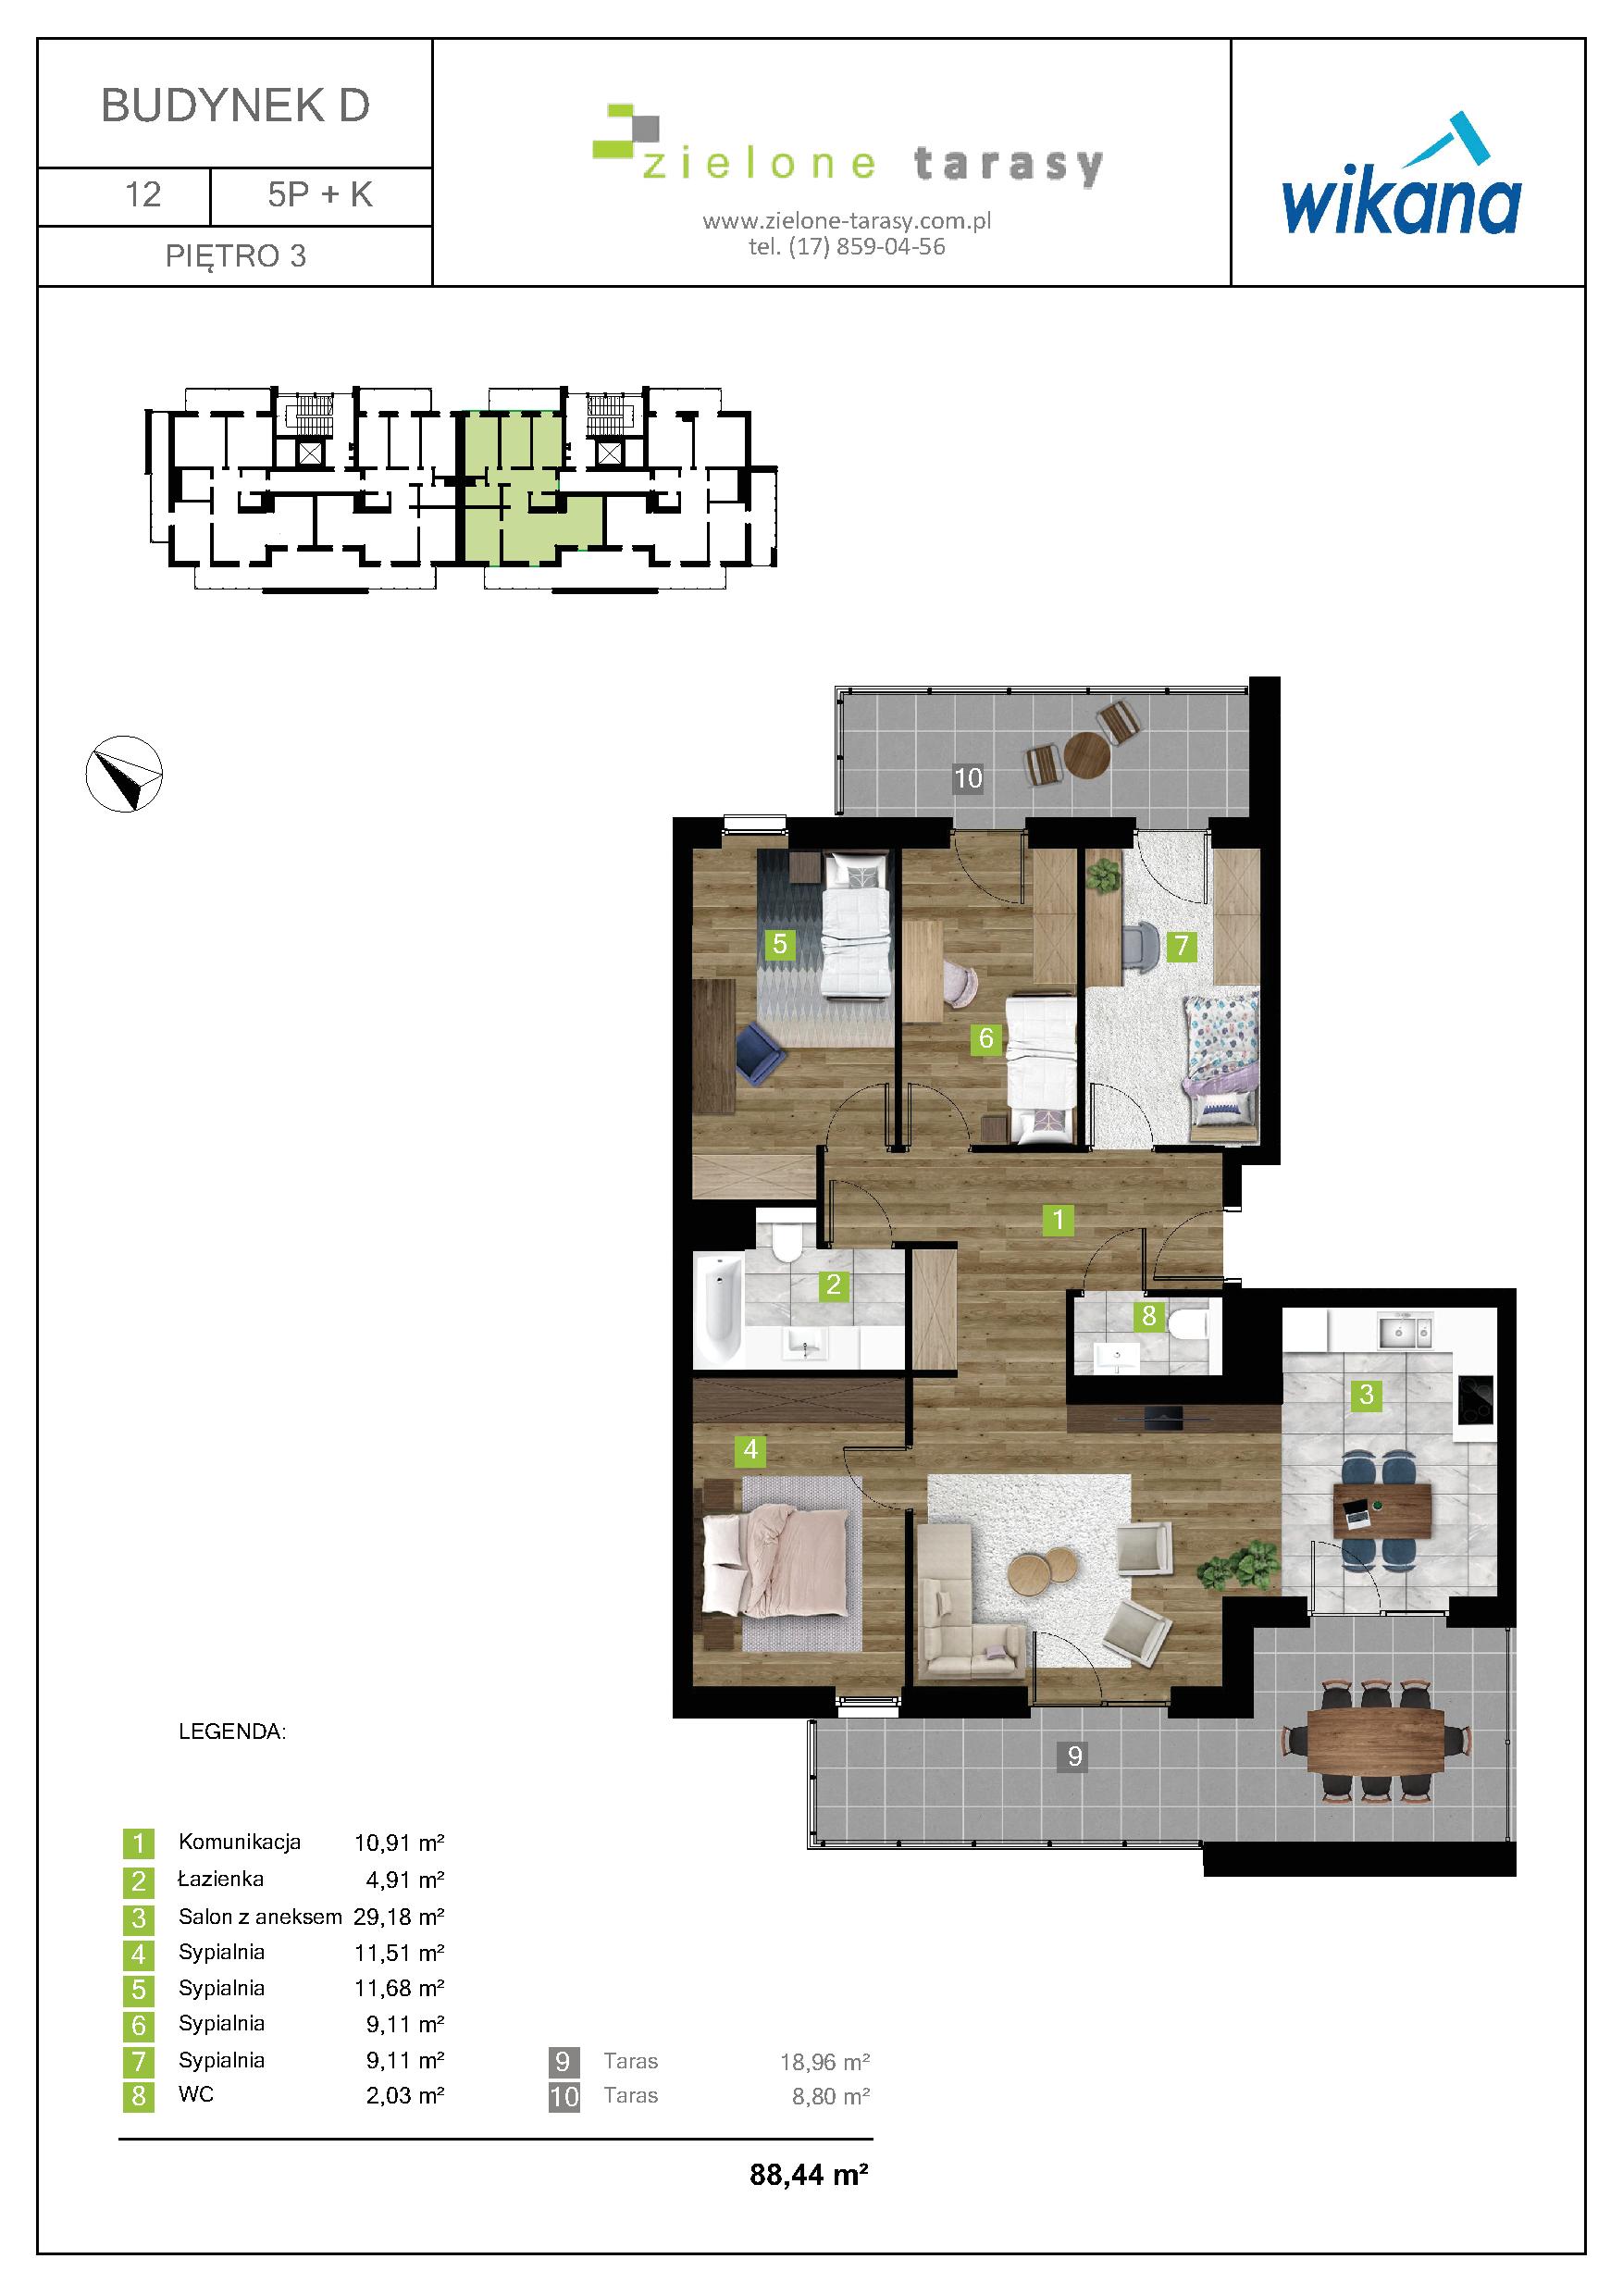 Pięciopokojowe Mieszkanie 8844 M2 Zielone Tarasy